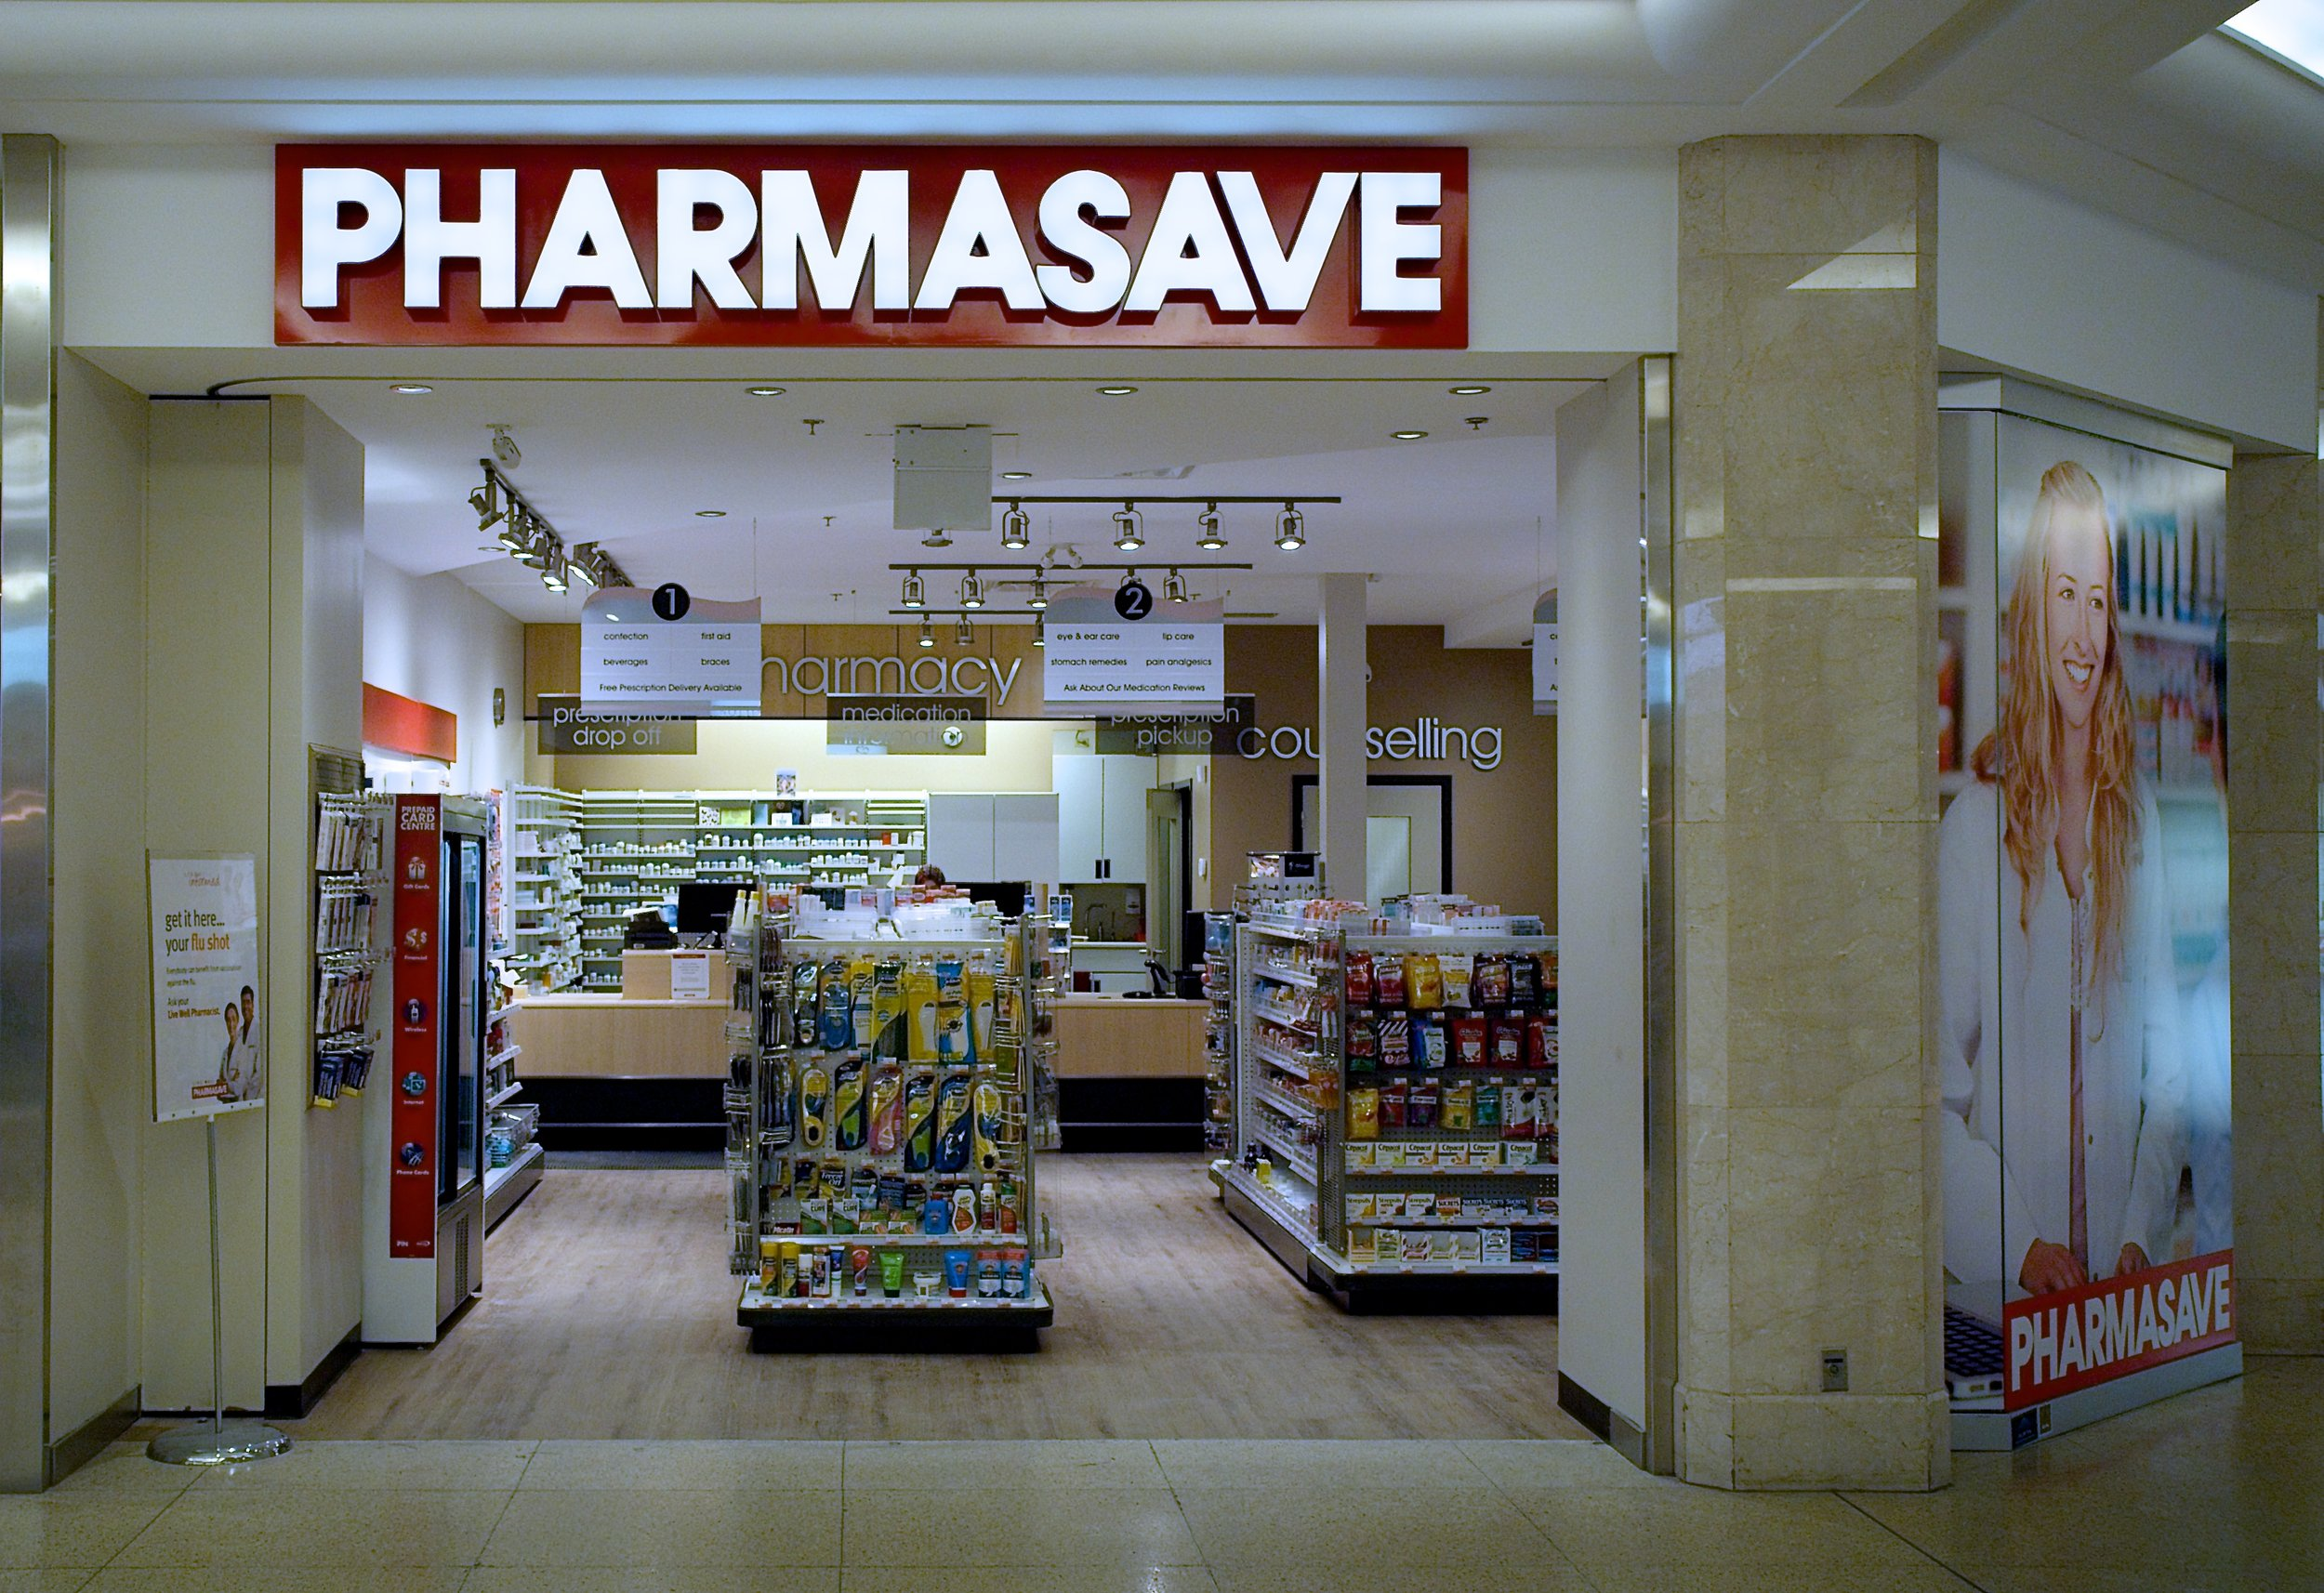 Pharmasave